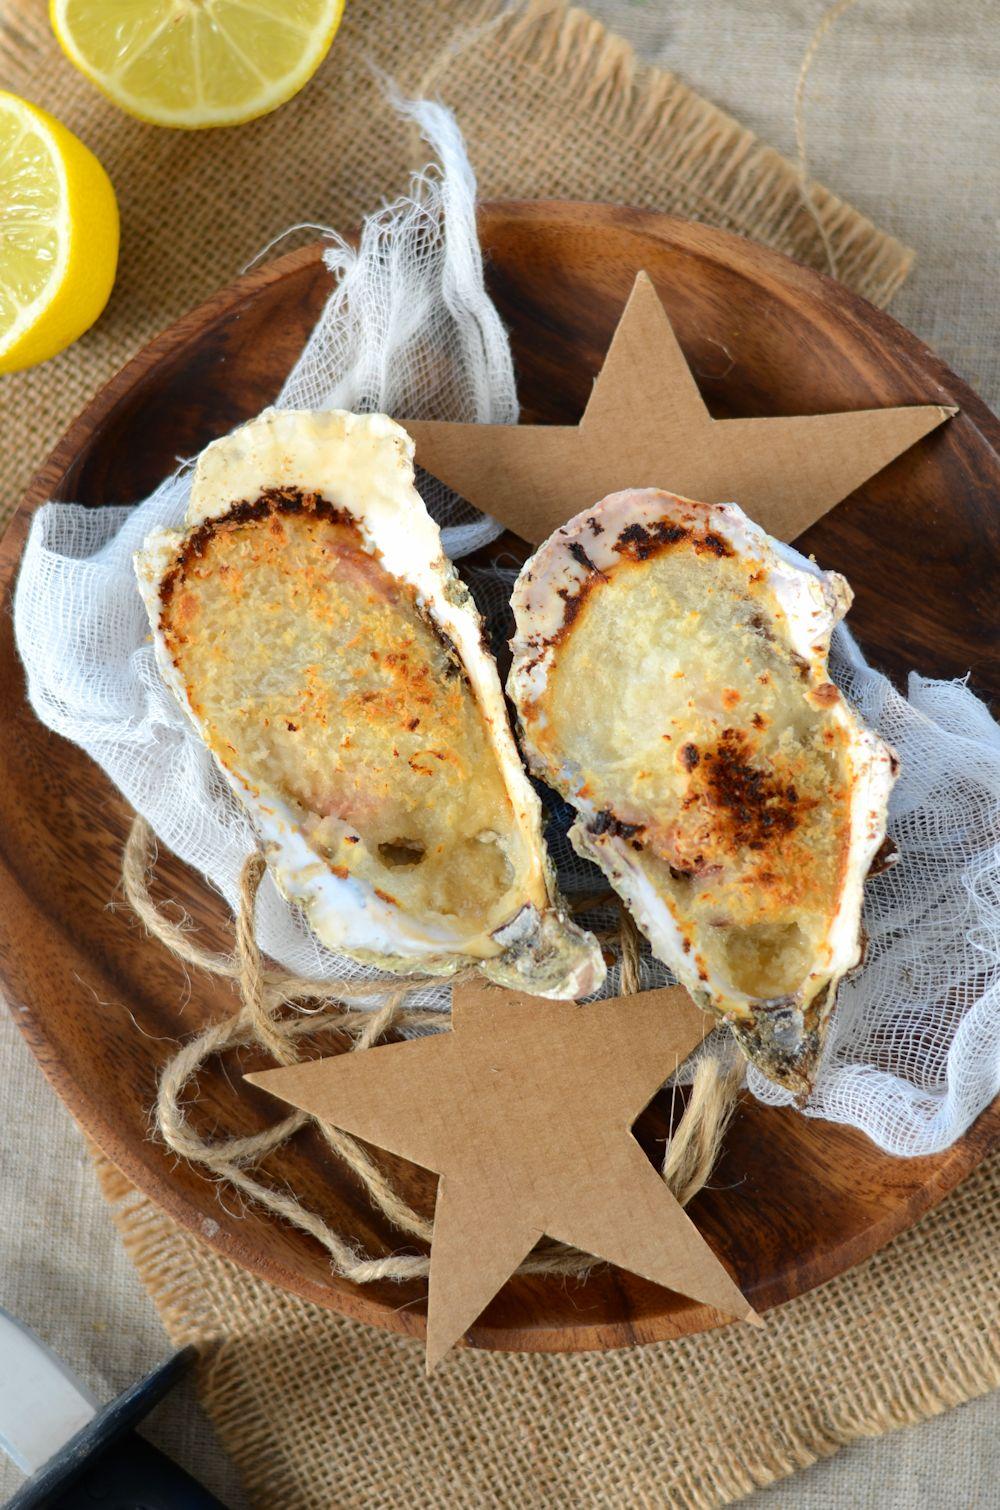 Huîtres chaudes gratinées au four - Recette - Tangerine Zest